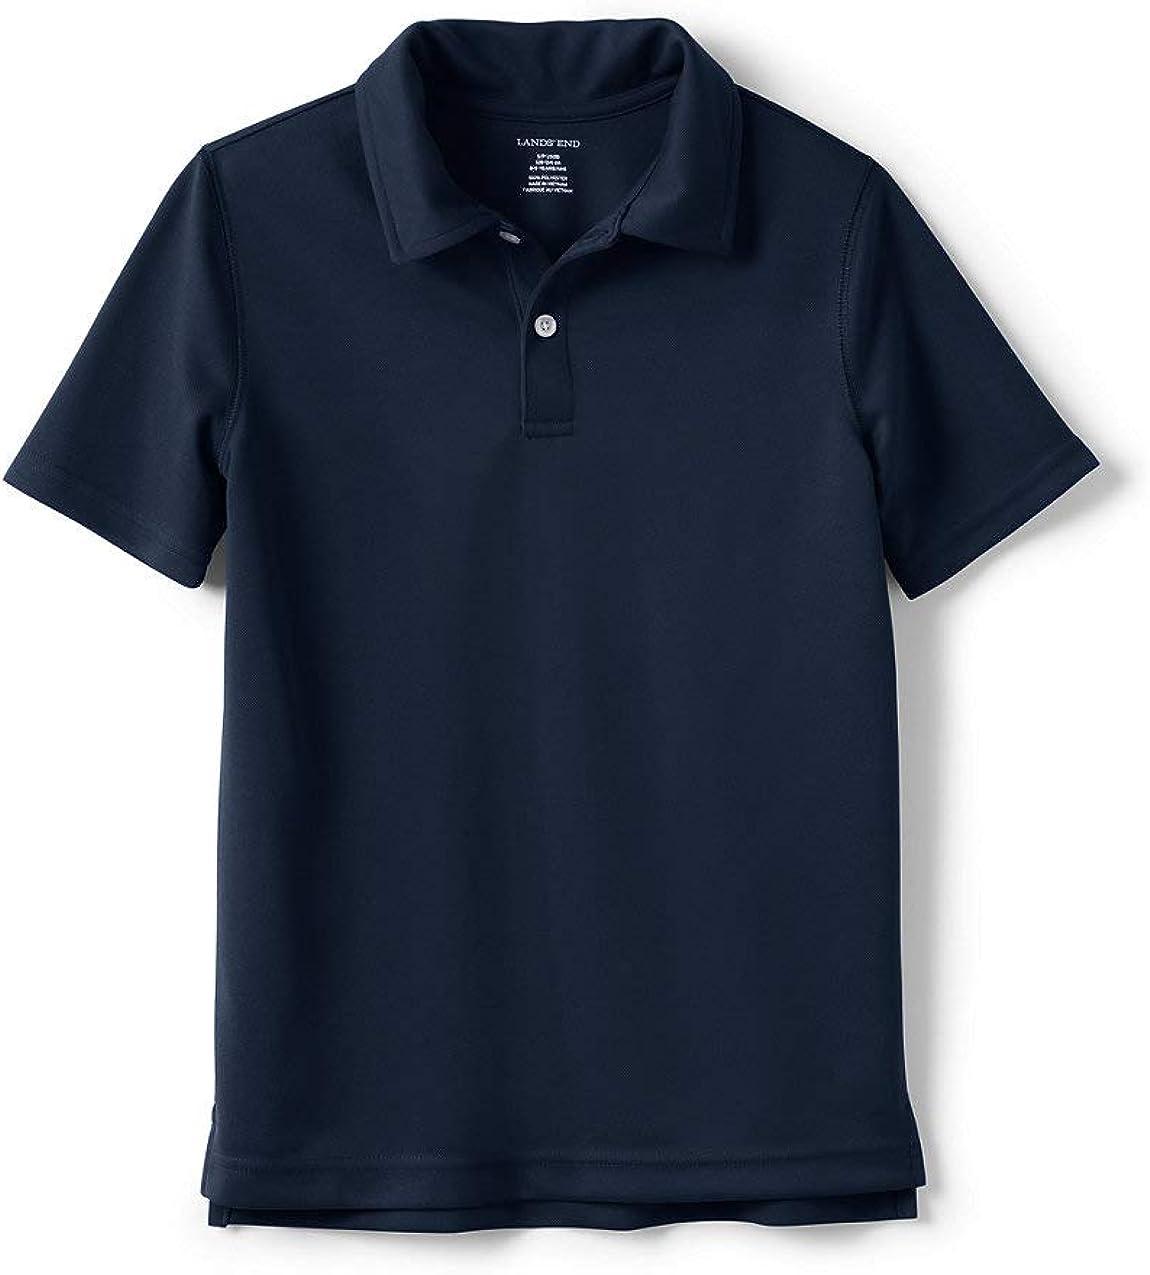 Lands' End Boys Short Sleeve Poly Pique Polo Shirt